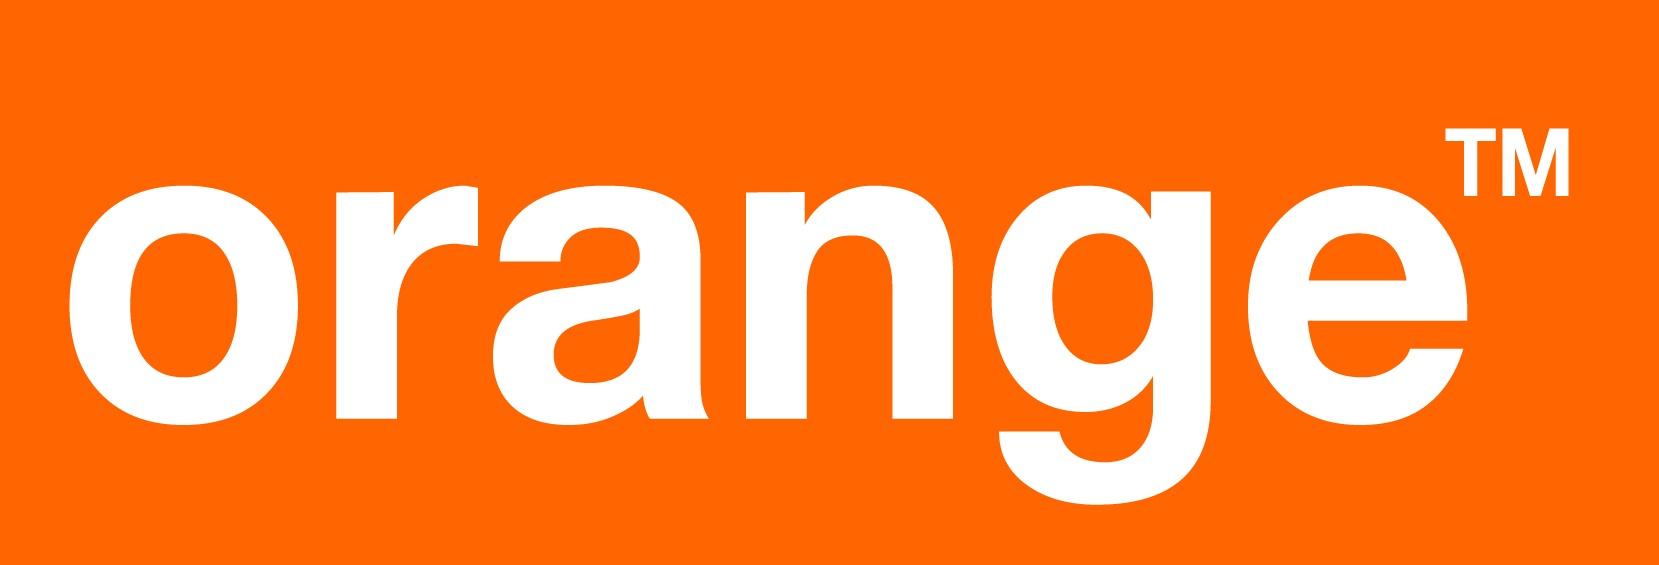 Plazo máximo sin recargar saldo antes de que me corten la línea Orange